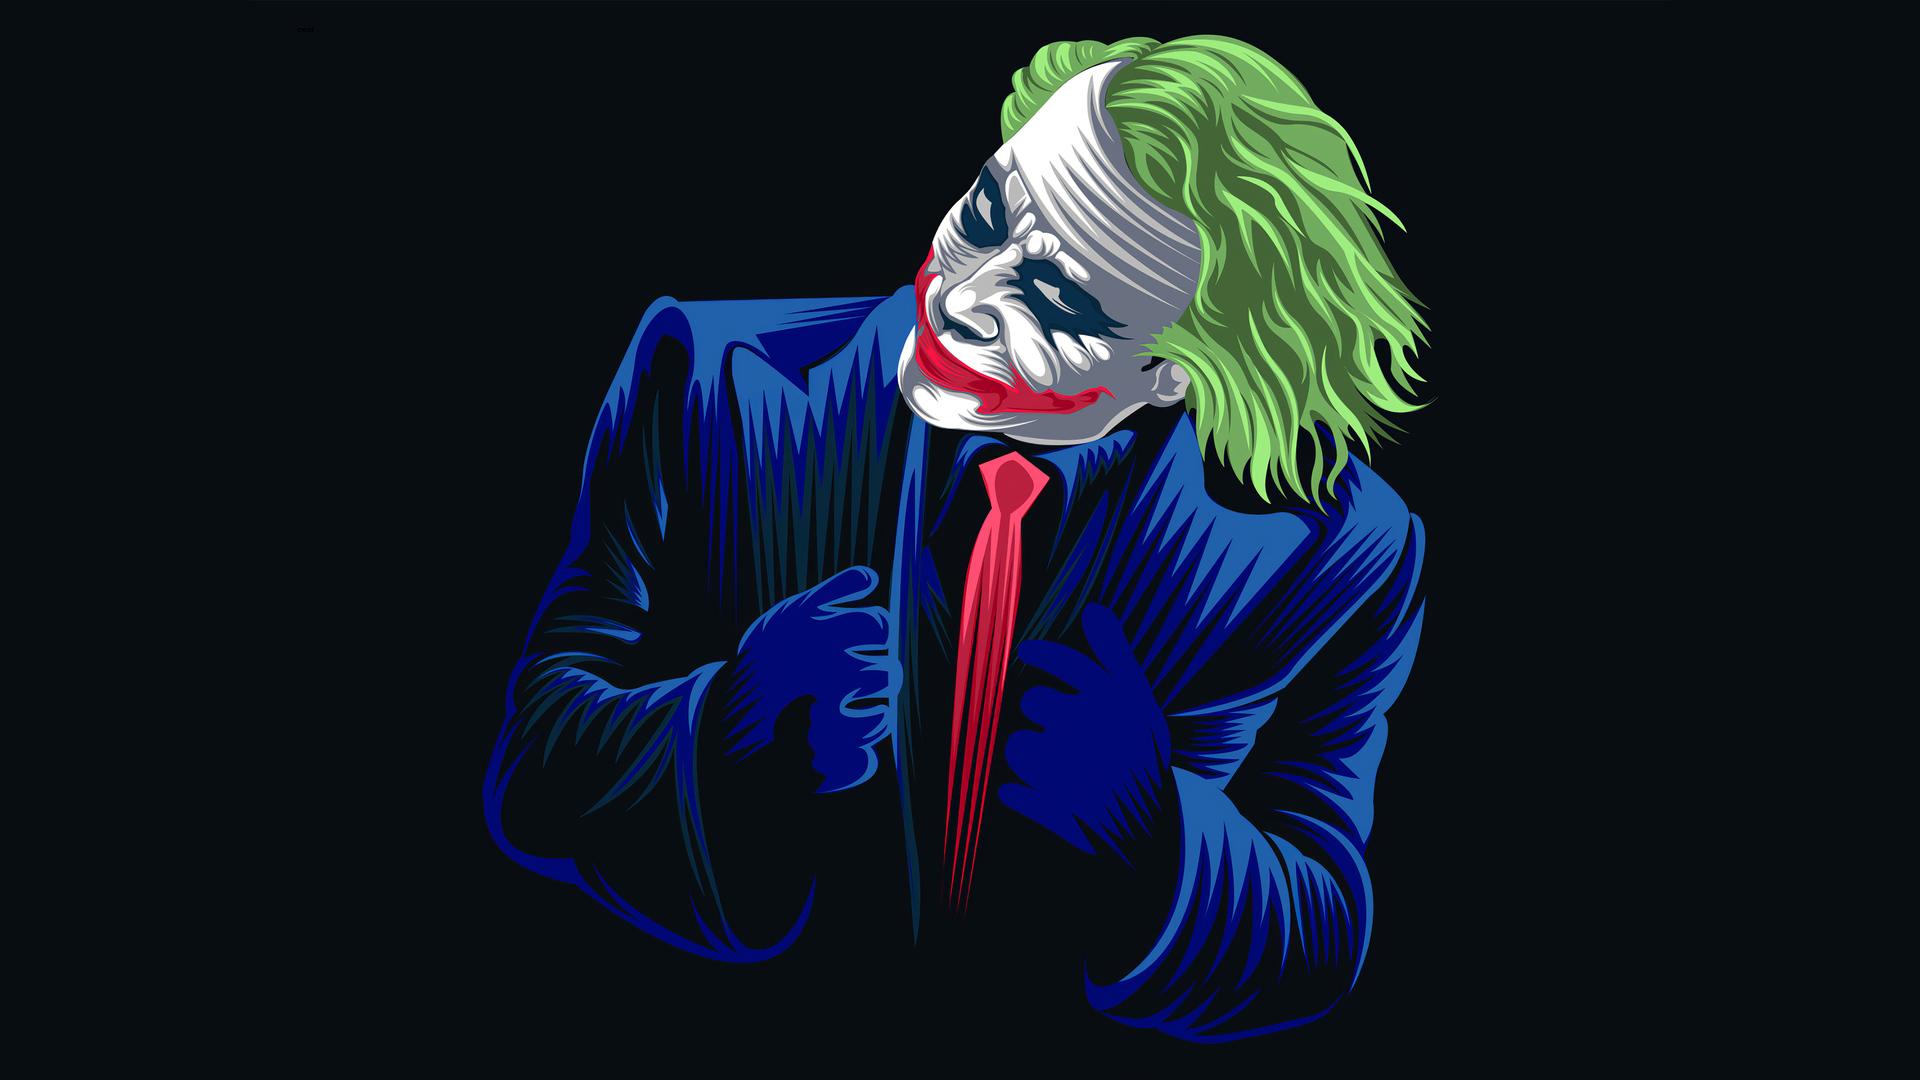 Joker 4k New Wallpaper 2020